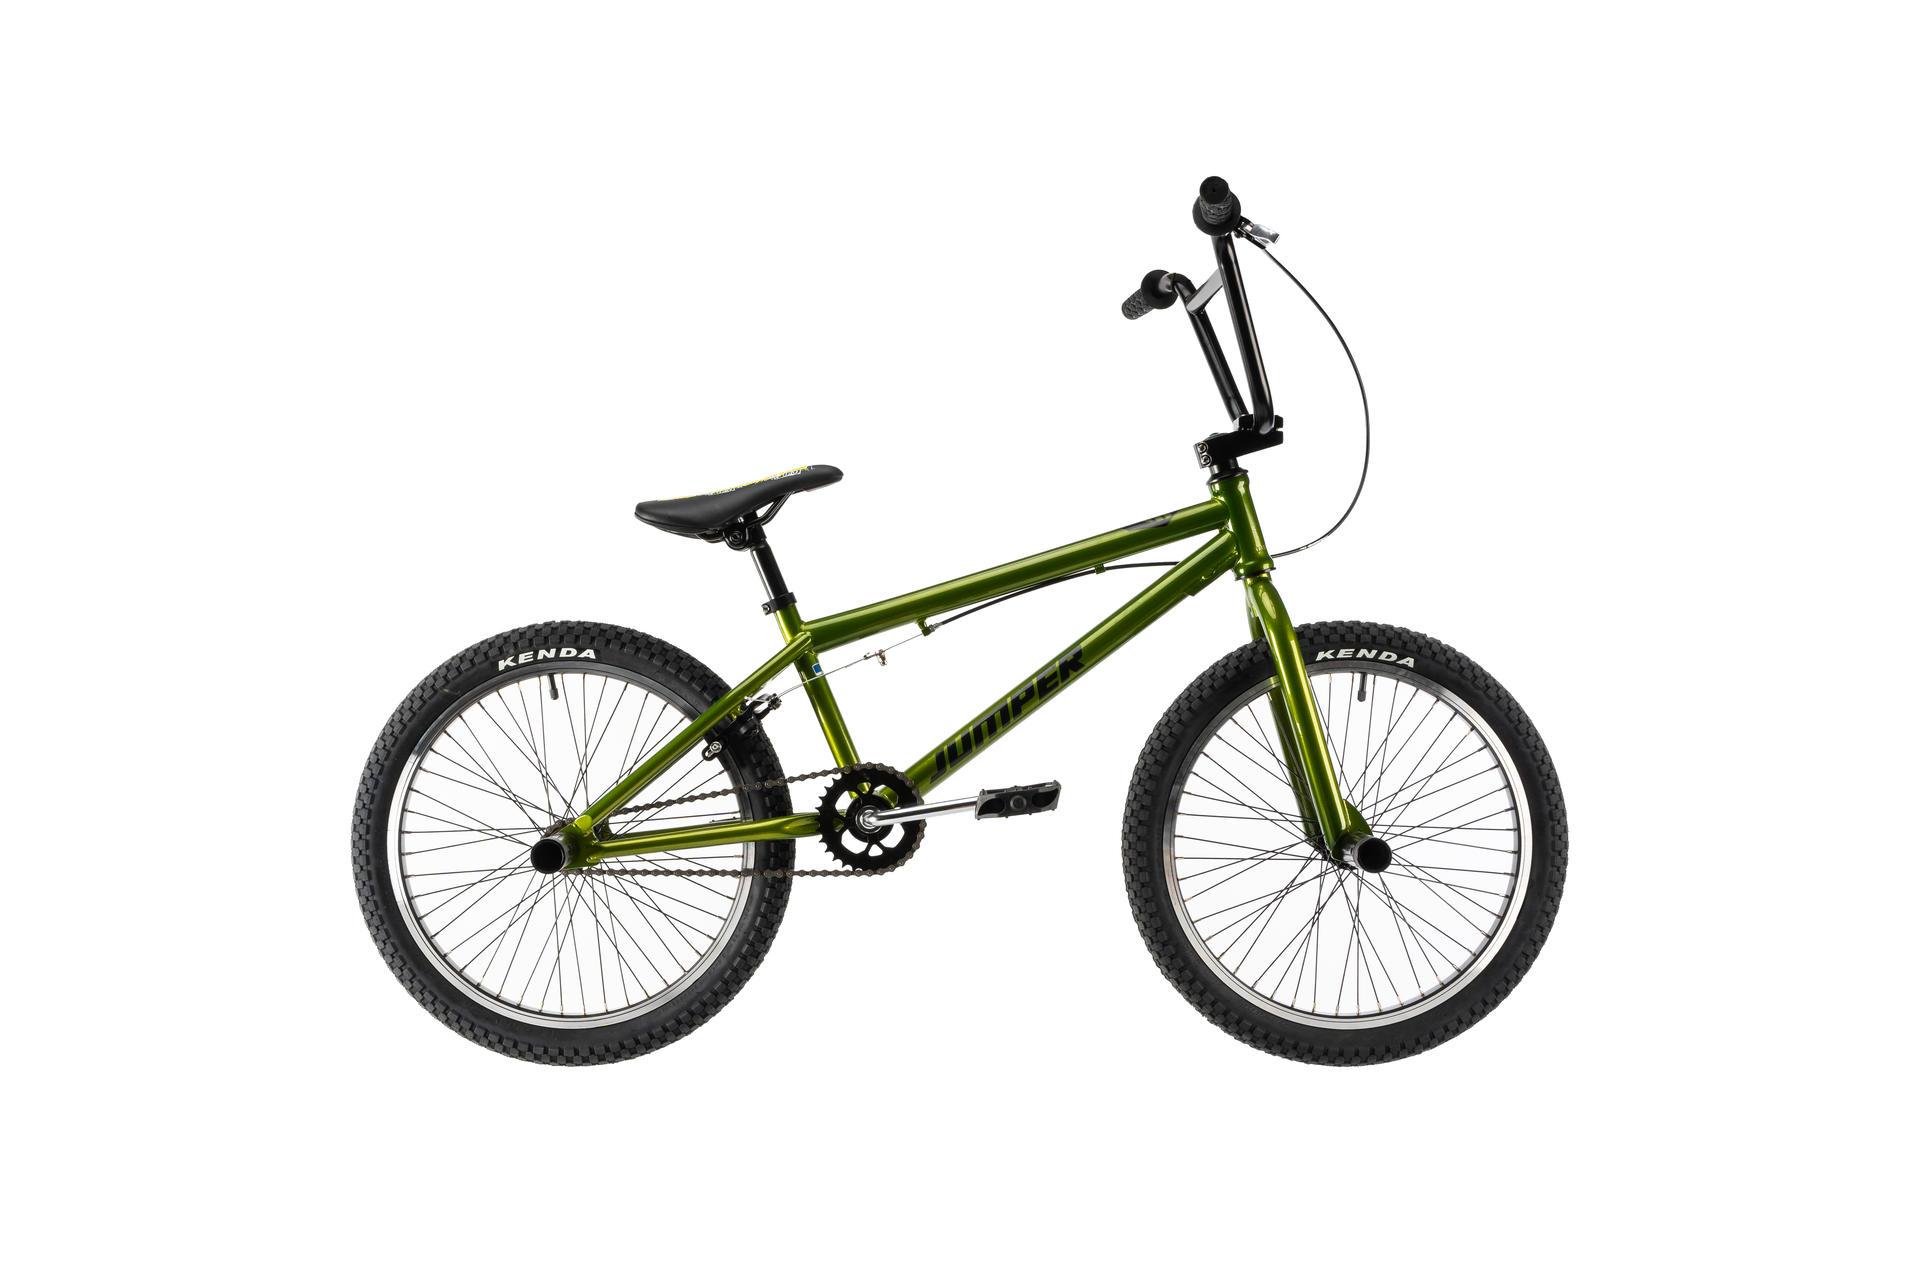 Bicicletta Bmx Dhs 2005 Green